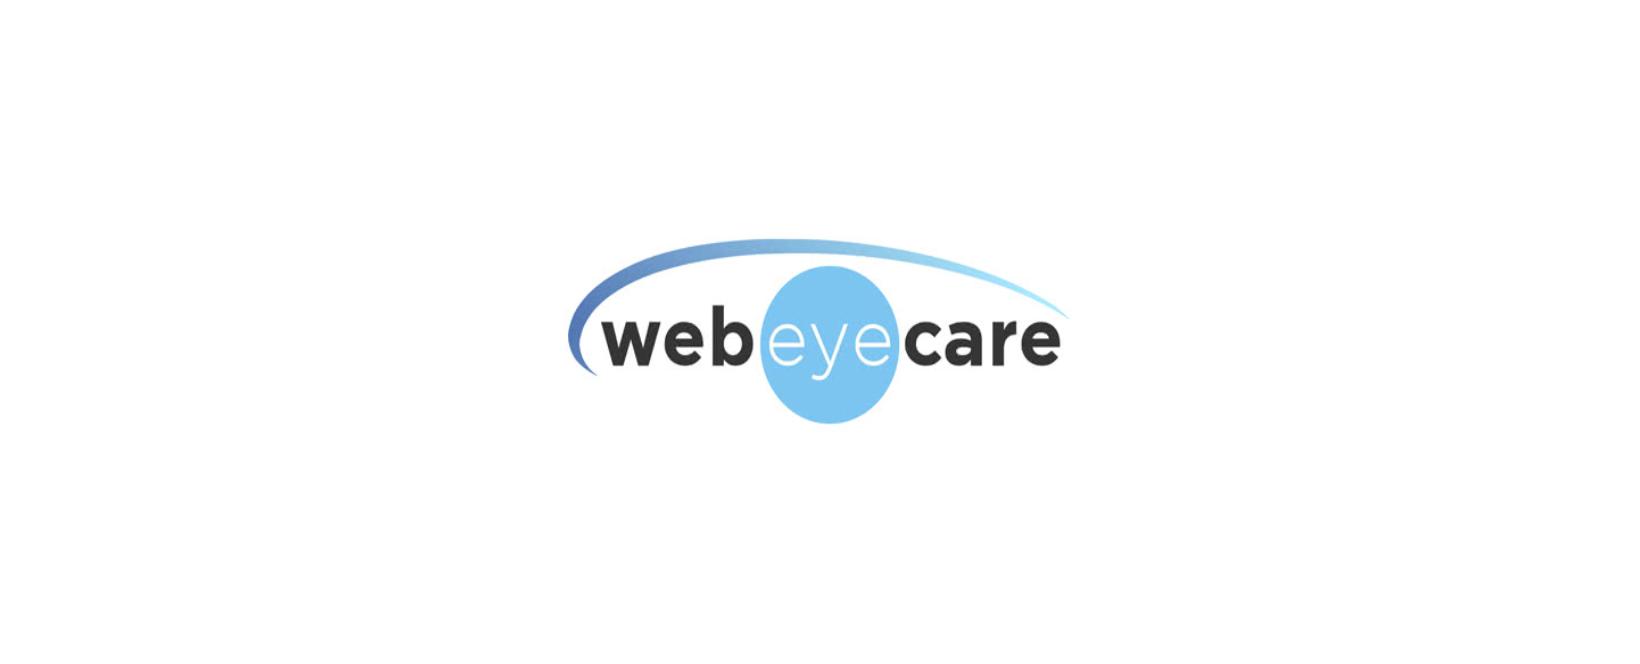 WebEyeCare Discount Code 2021